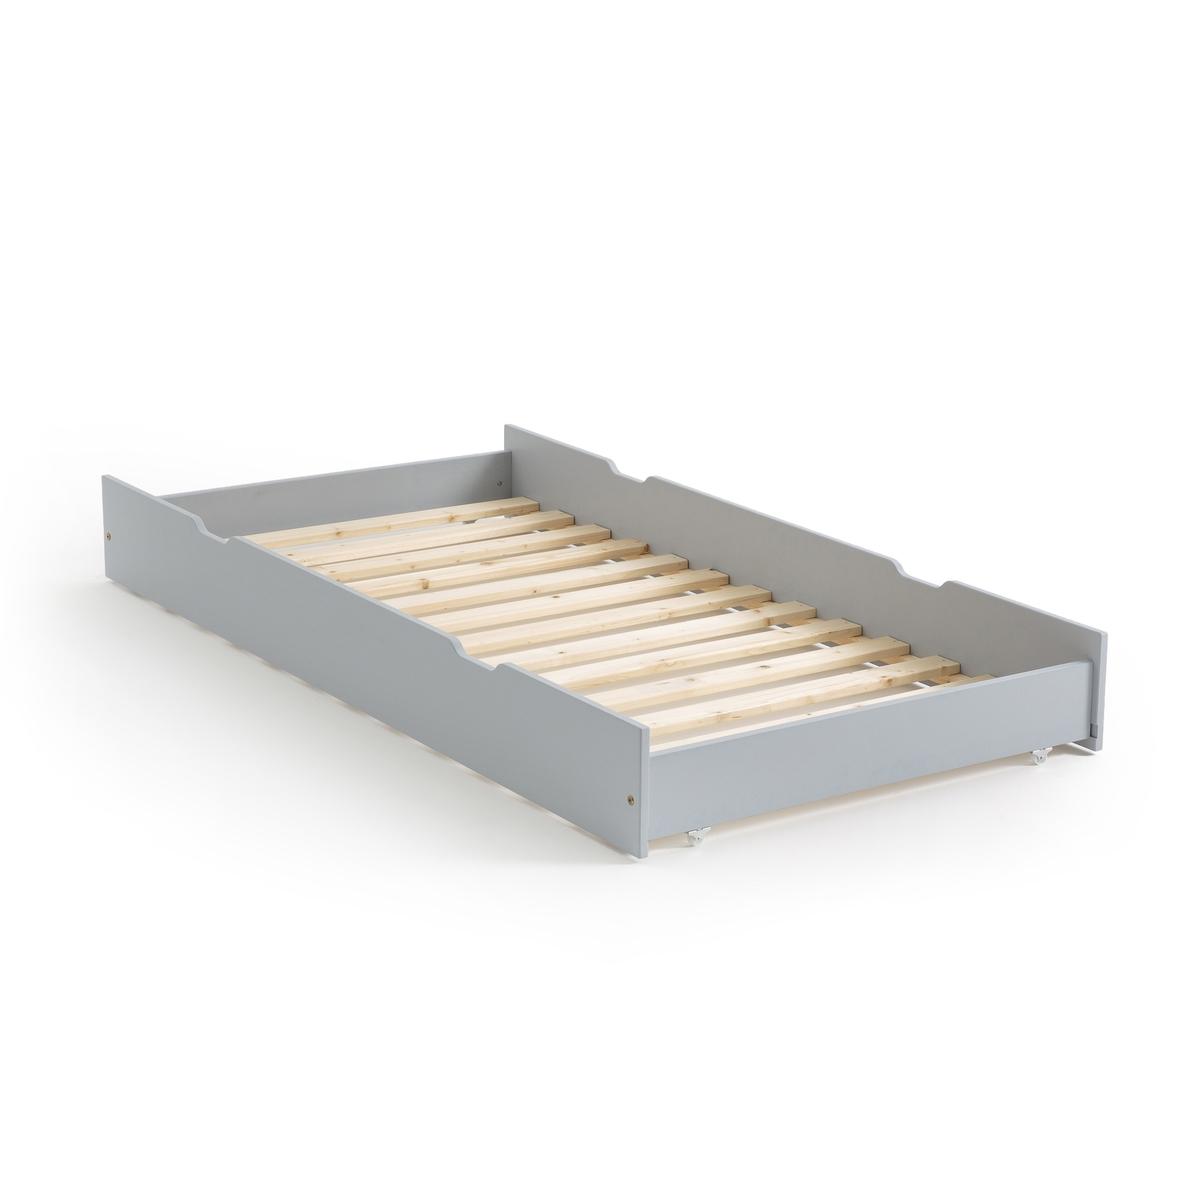 Ящик LaRedoute Для кровати из массива сосны Loan единый размер серый матрас laredoute с поролоном для кровати ящика 90 x 180 x 12 красный